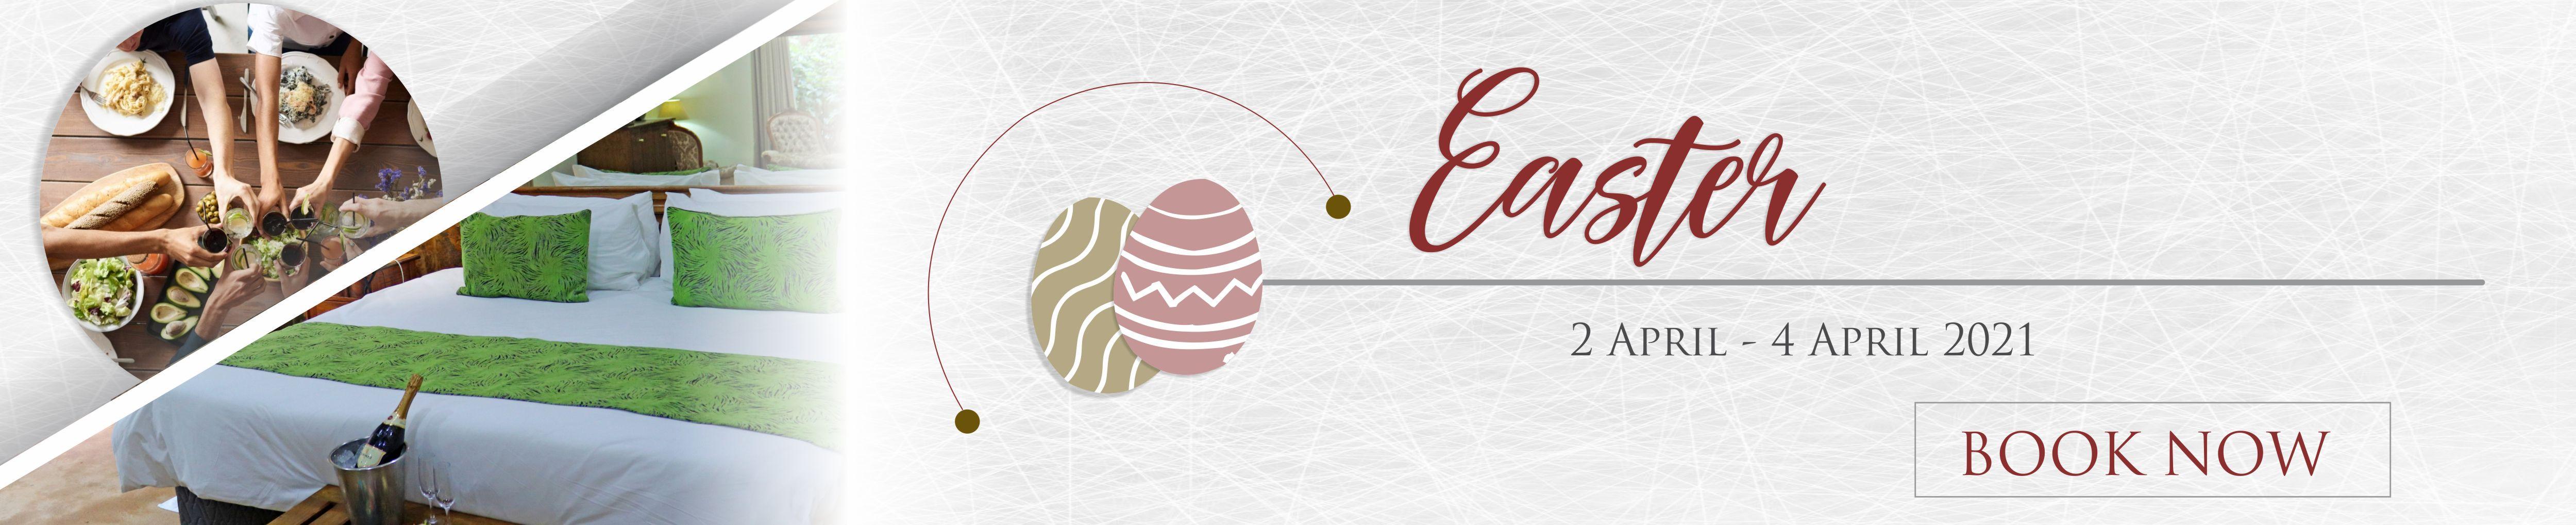 Easter weekend specials in muldersdrift, Gauteng